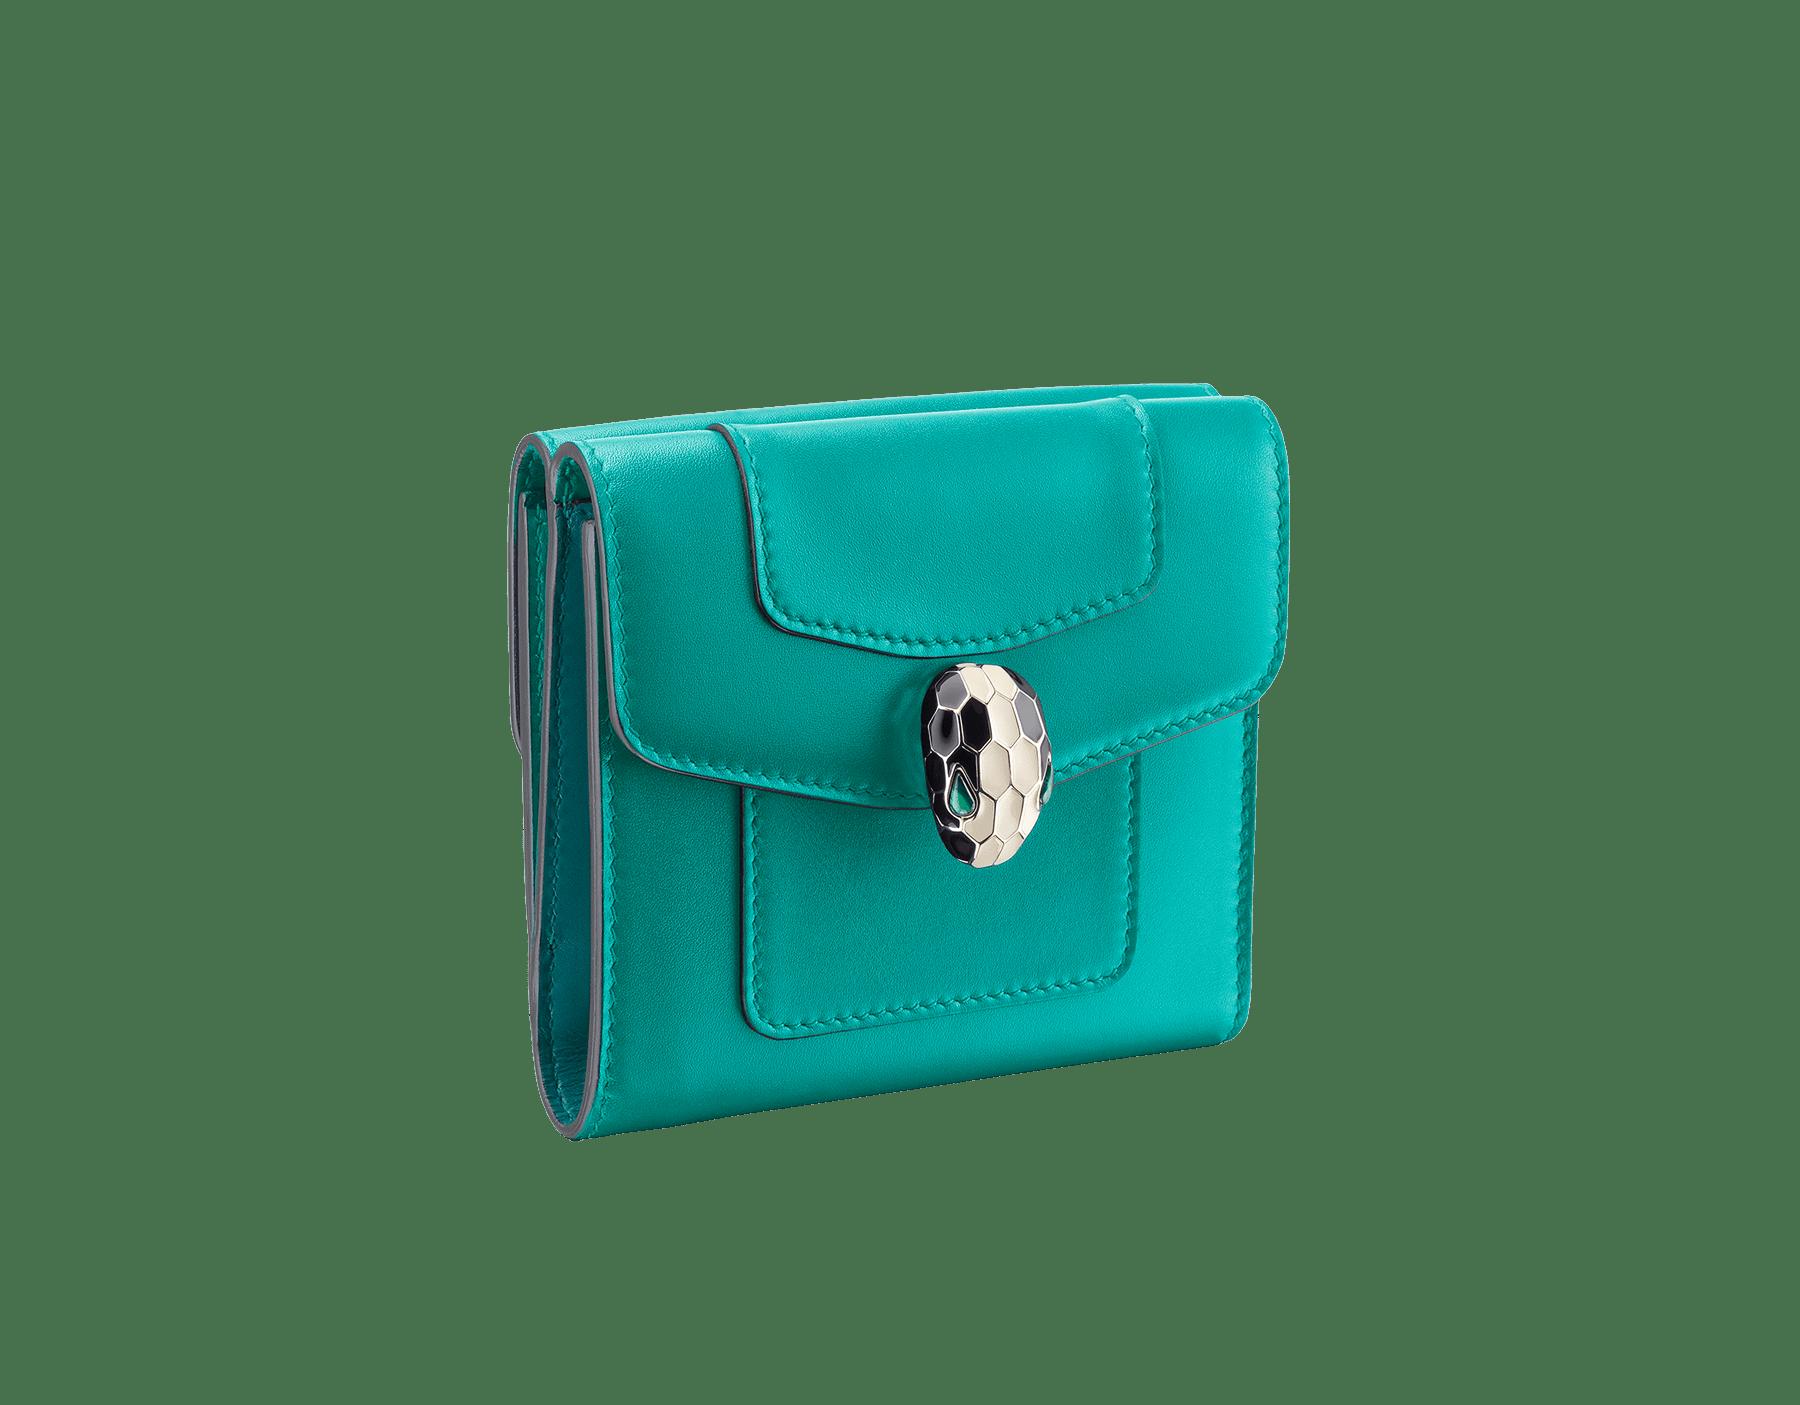 Portefeuille compact carré Serpenti Forever en cuir de veau couleur Tropical Turquoise et Deep Jade. Bijou Serpenti emblématique en émail noir et blanc avec yeux en malachite. 288007 image 1